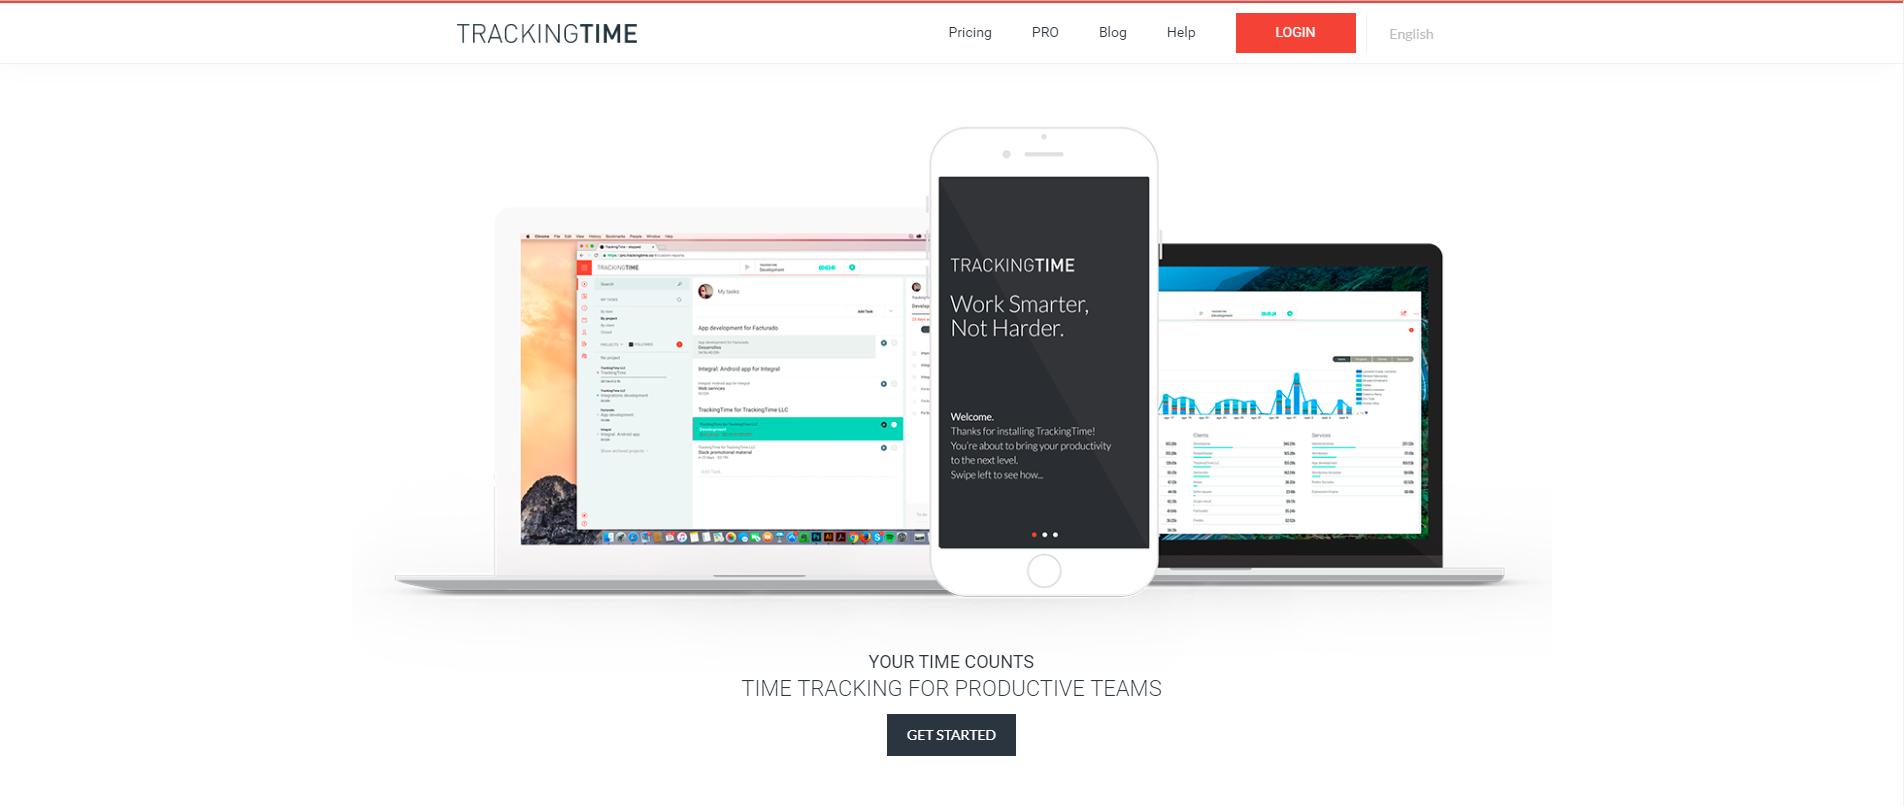 タイムトラッキング(時間管理)ツール比較まとめ【2019年最新版】:アプリを使って時間を有効活用しよう